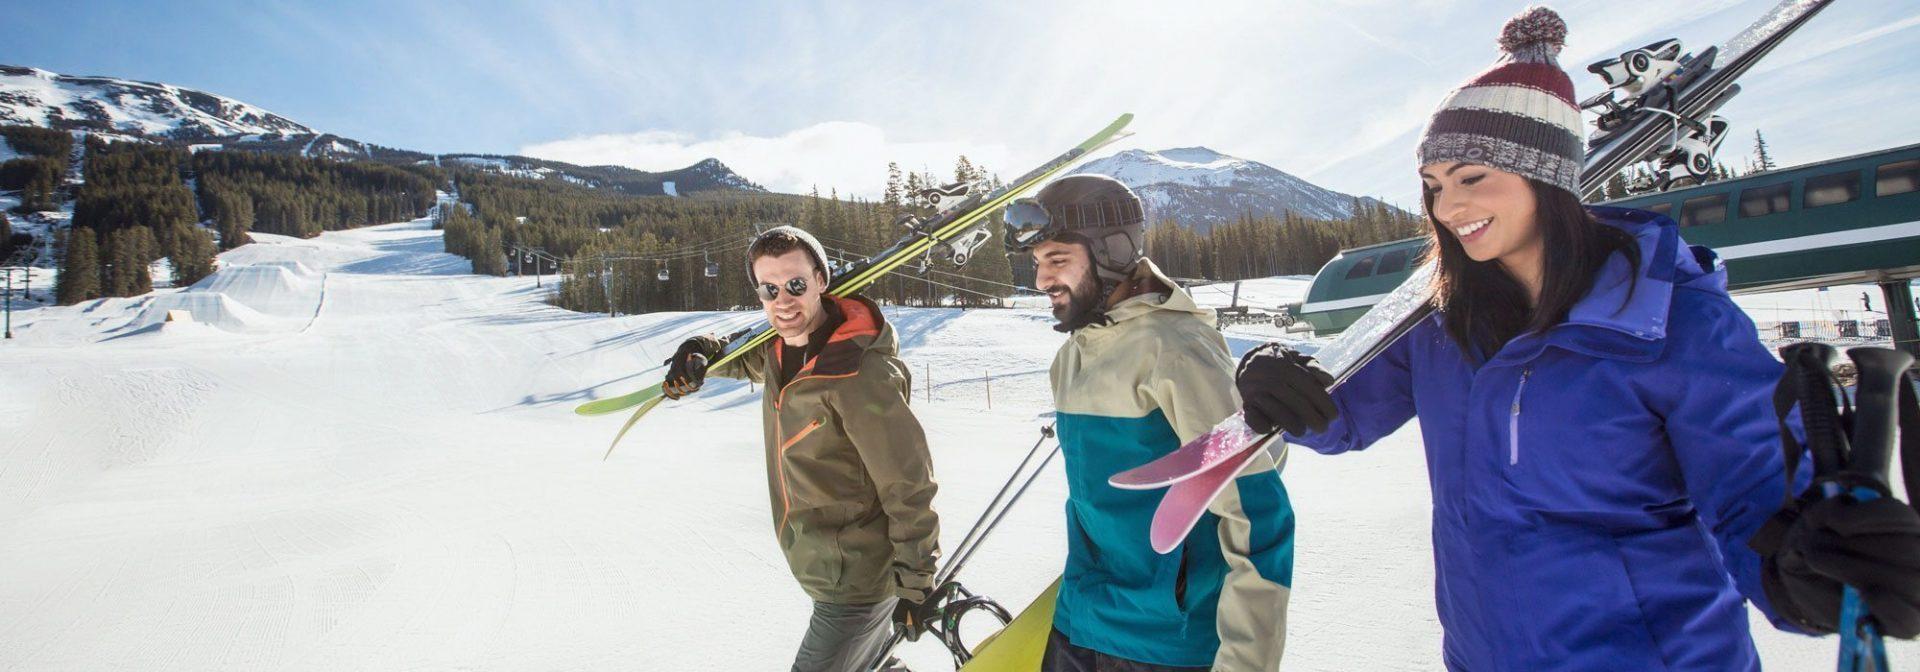 Ski Trip to Banff & Lake Louise